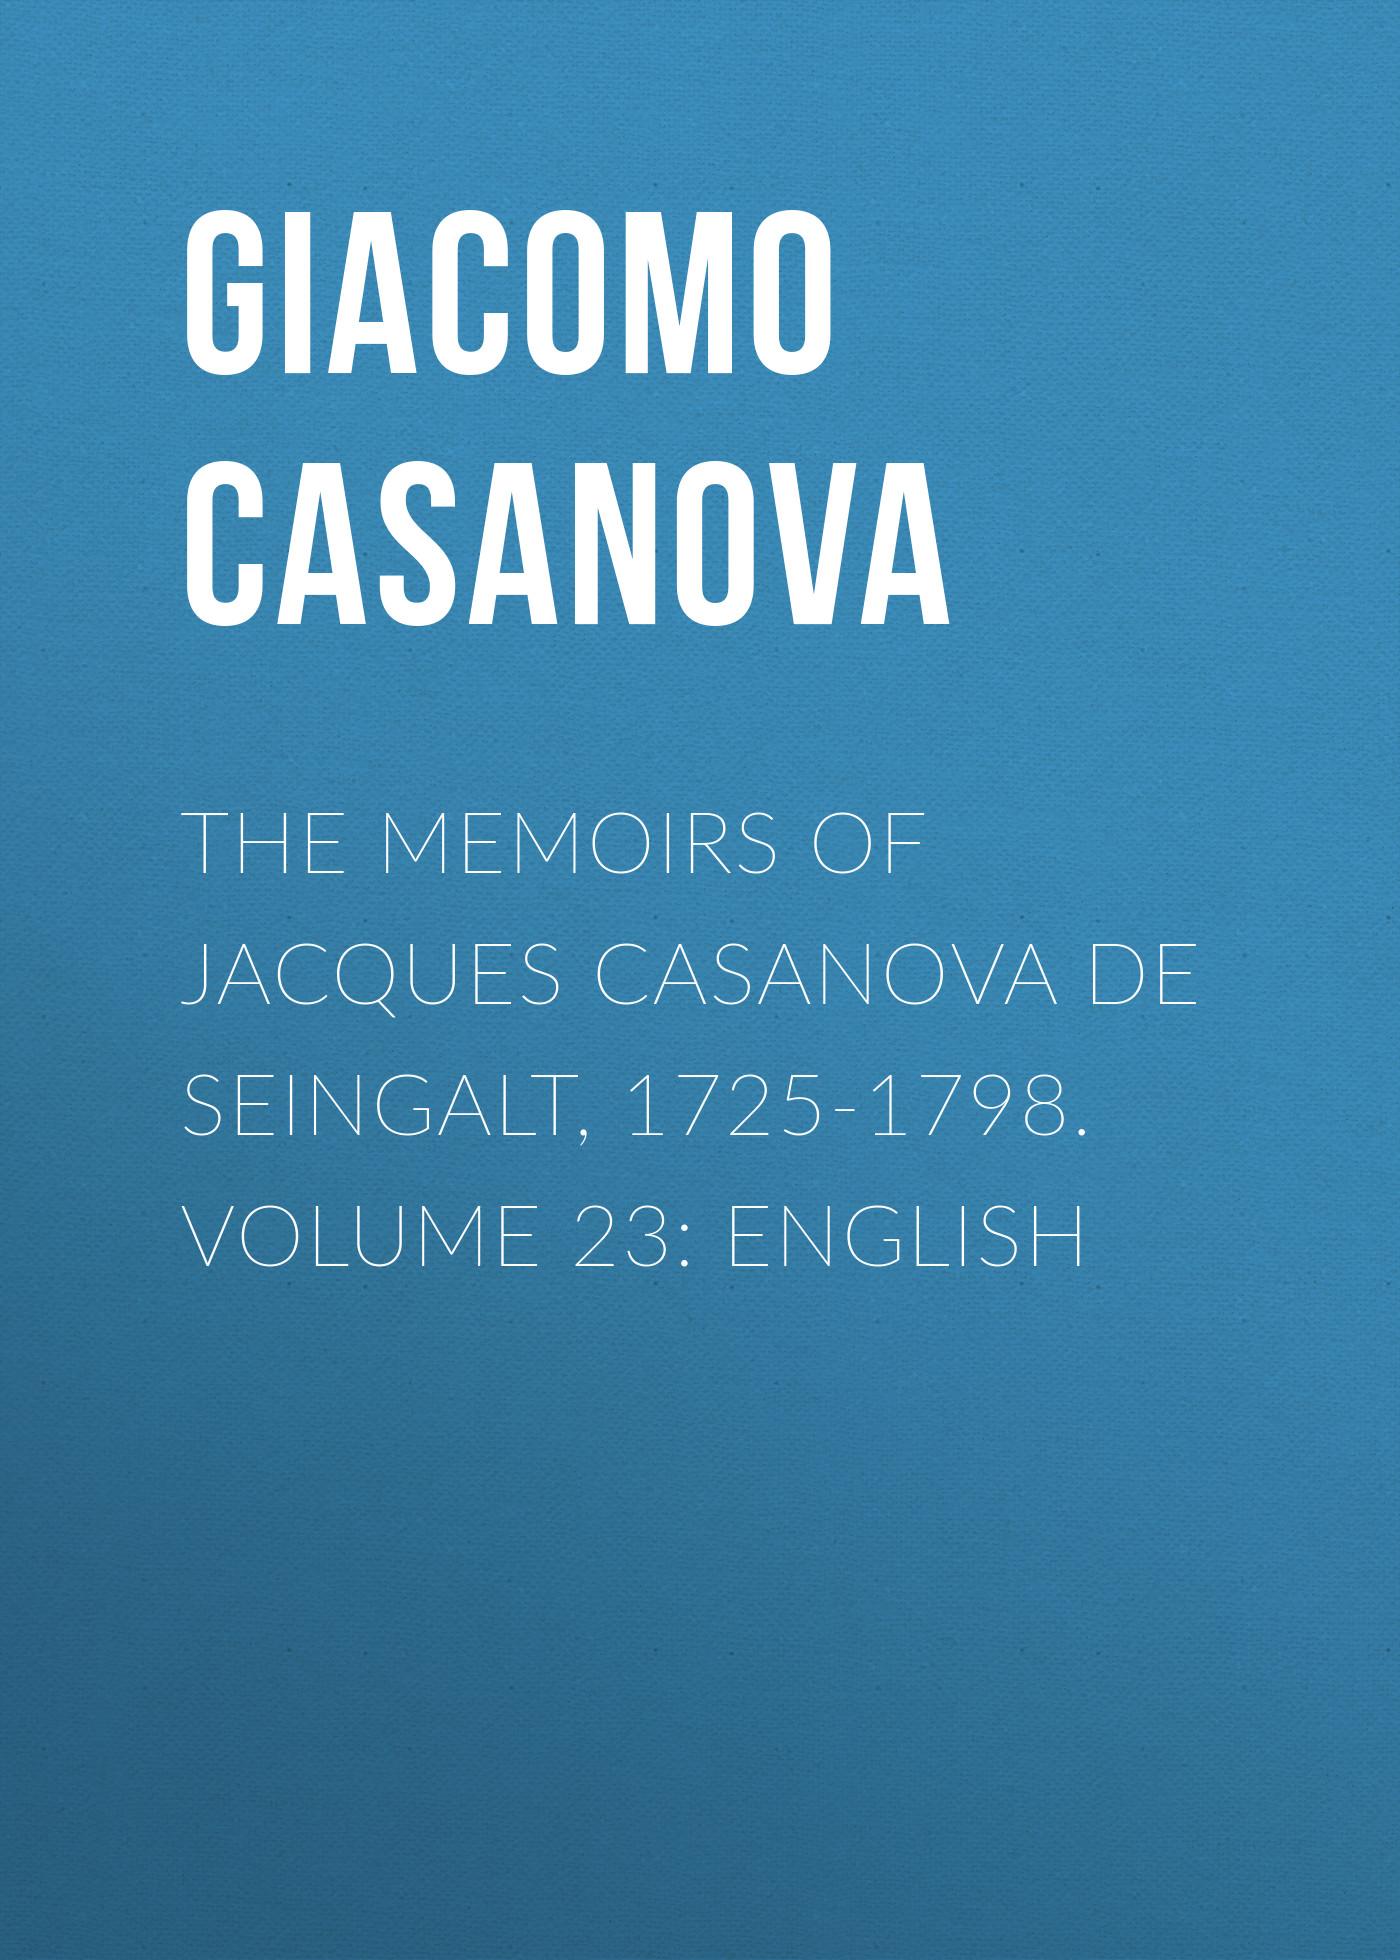 Giacomo Casanova The Memoirs of Jacques Casanova de Seingalt, 1725-1798. Volume 23: English giacomo casanova the memoirs of jacques casanova de seingalt 1725 1798 volume 28 rome